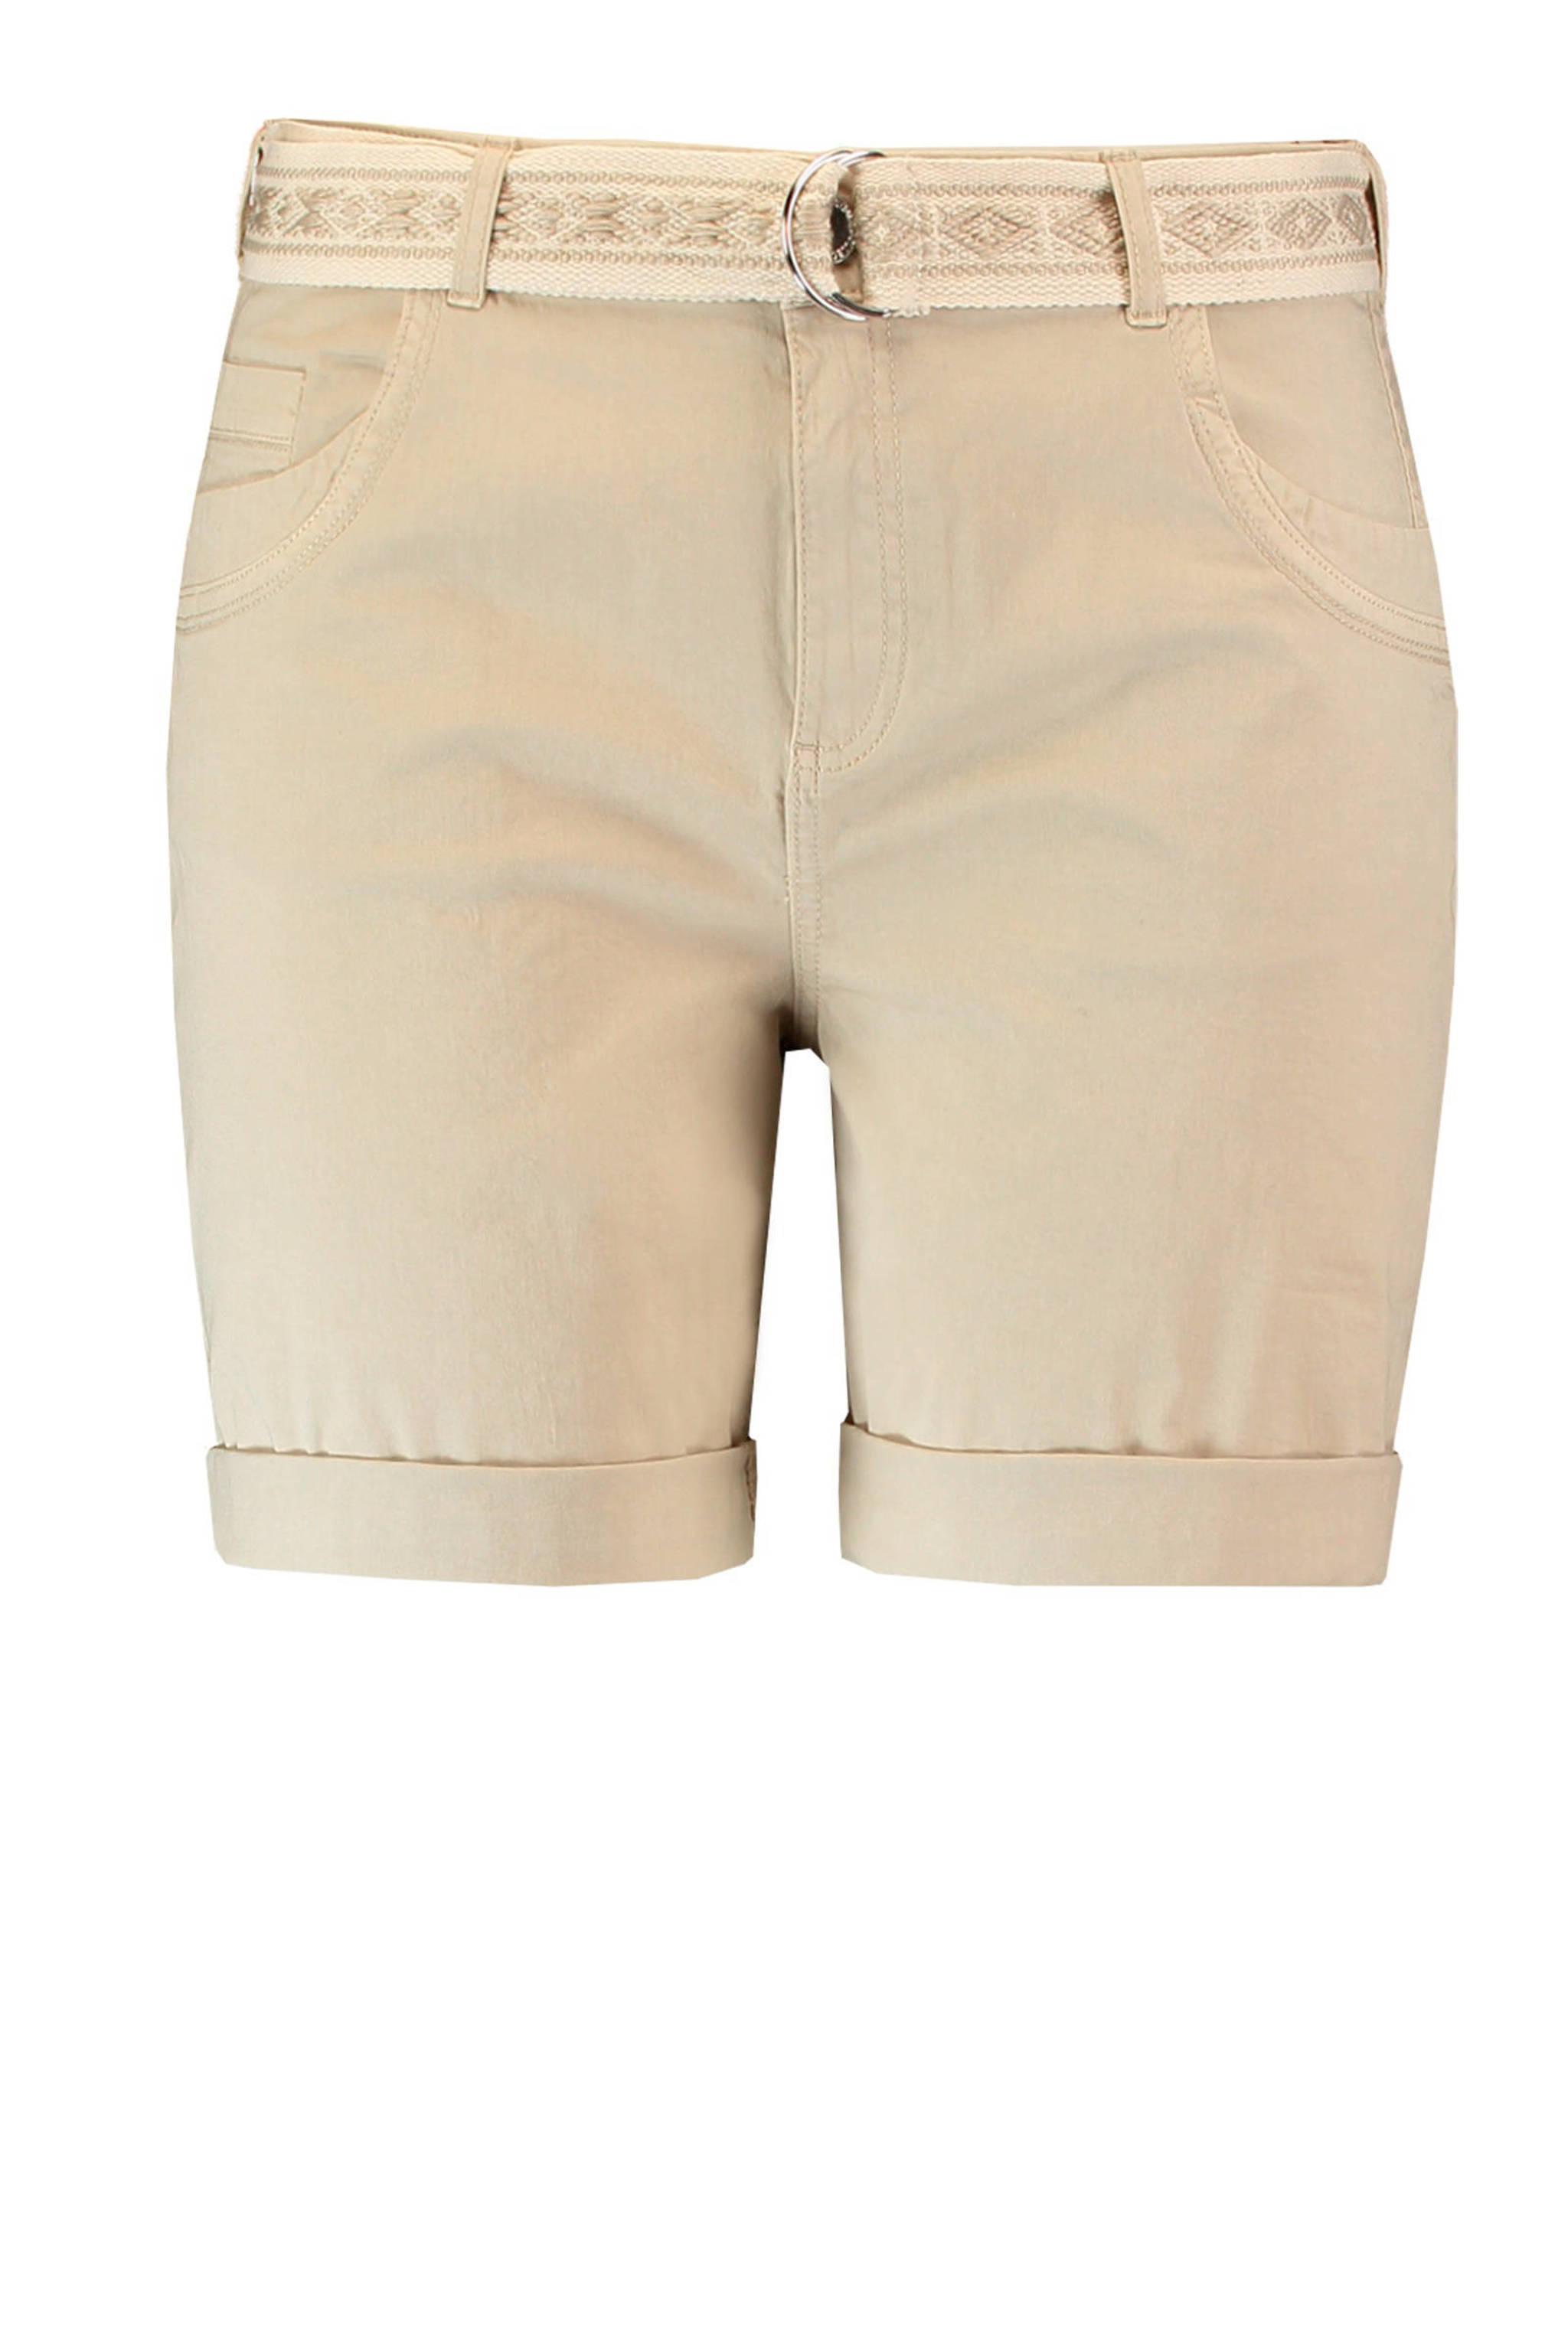 9c998e6a889 korte broek met ceintuur beige